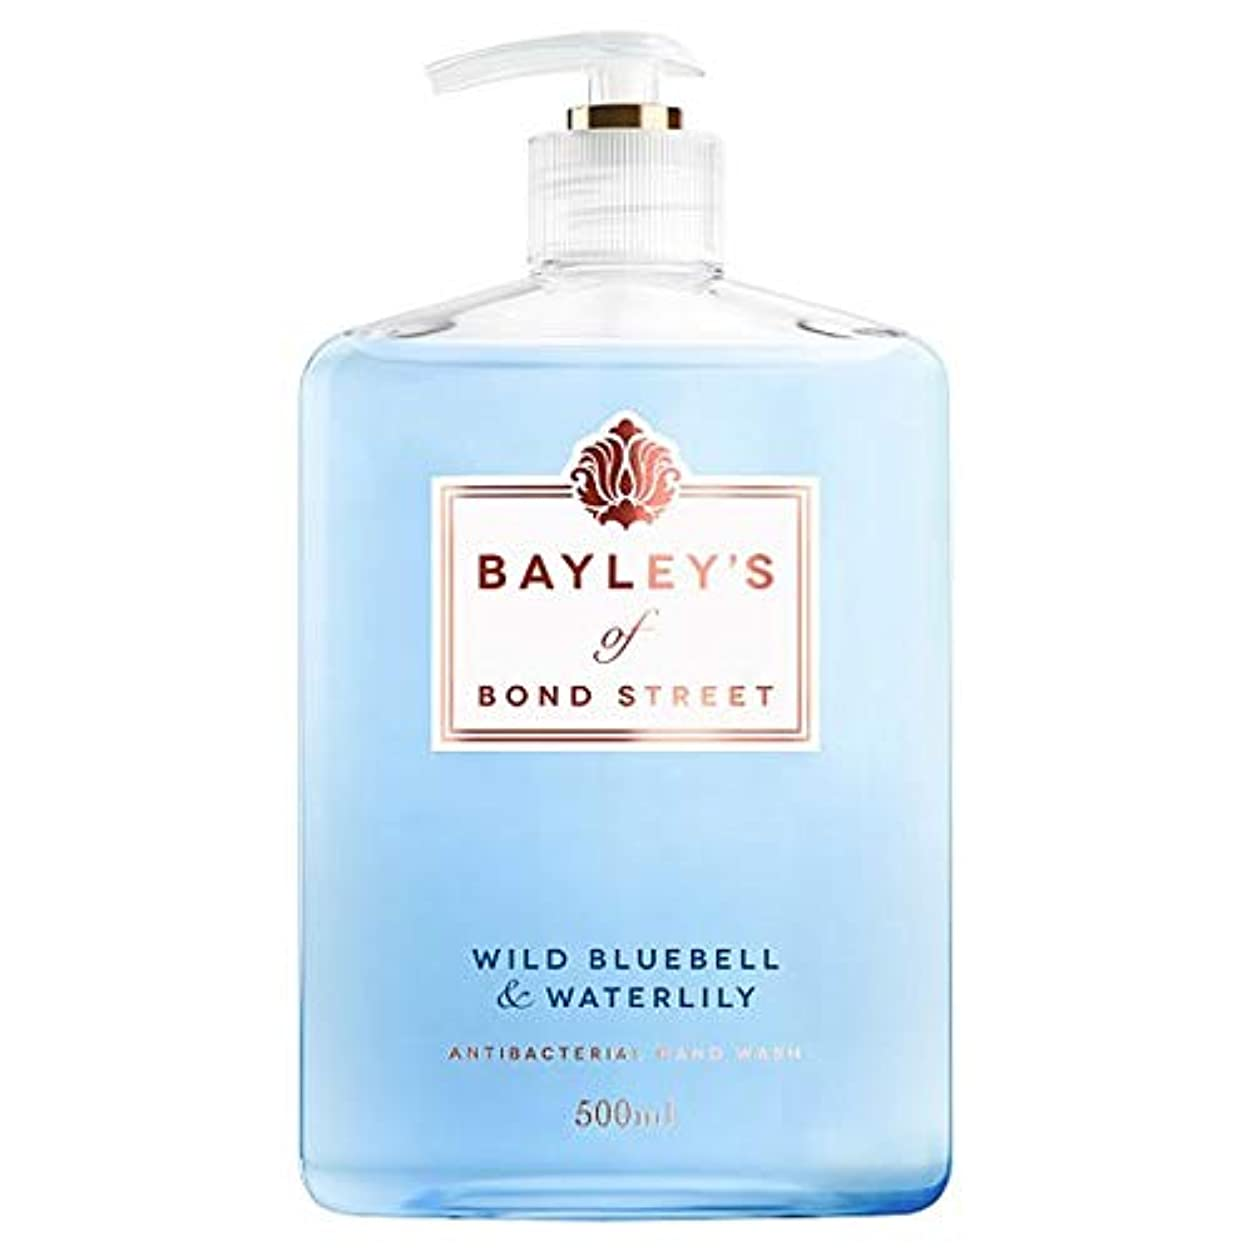 訪問レビューチート[Pz Cussons] ベイリーのボンドストリートブルーベルの手洗いの500ミリリットルの - Bayley's Of Bond Street Bluebell Handwash 500Ml [並行輸入品]